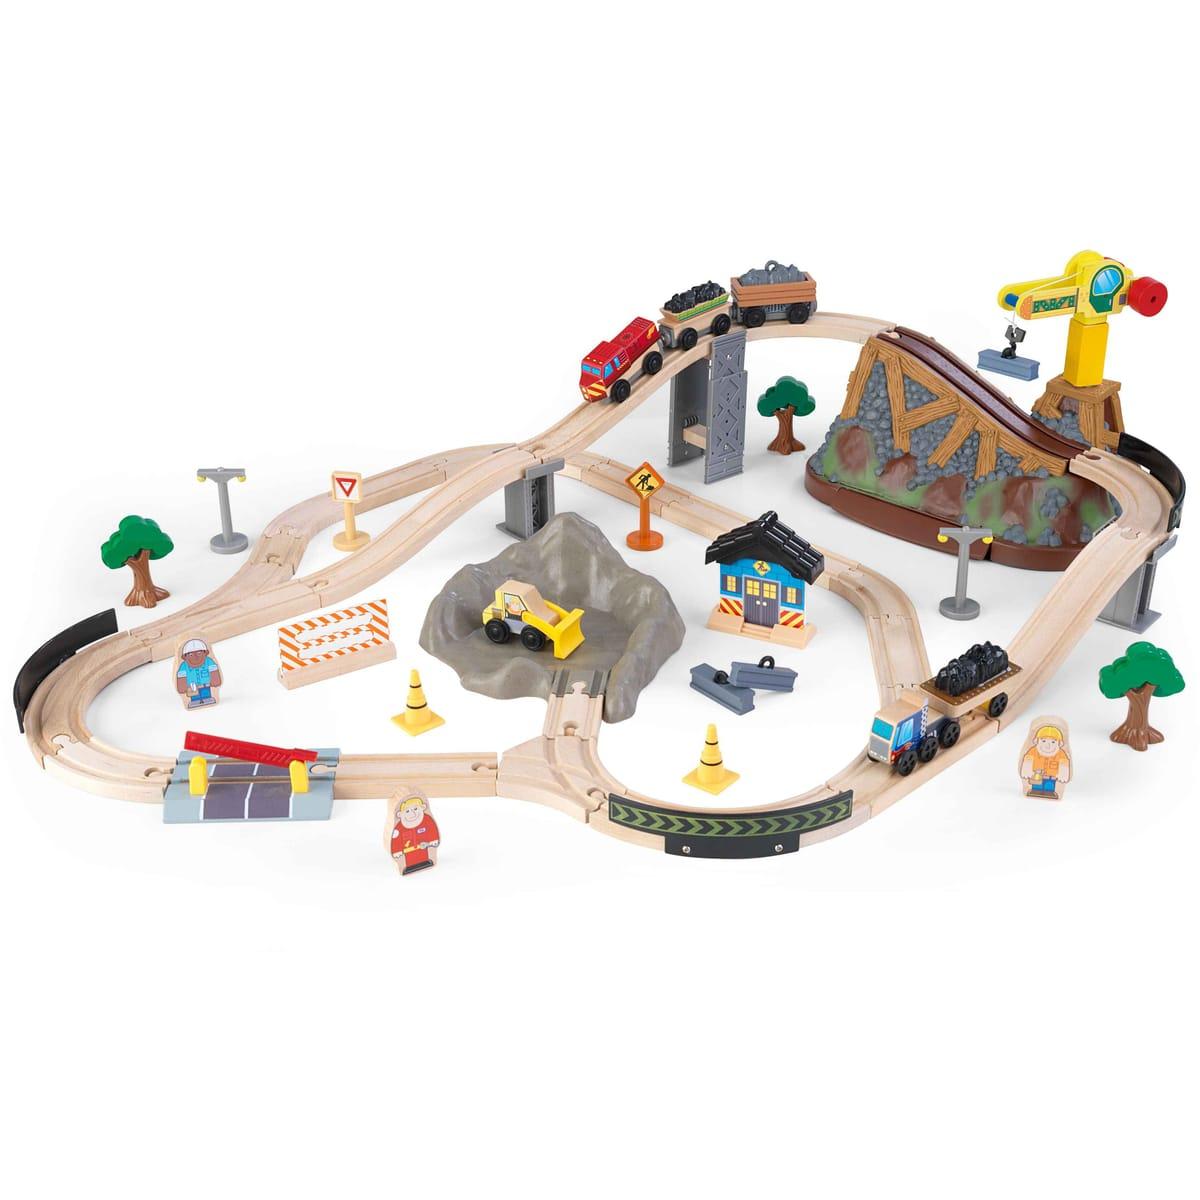 Деревянная железная дорога – Горная стройка, в контейнереДетская железная дорога<br>Деревянная железная дорога – Горная стройка, в контейнере<br>